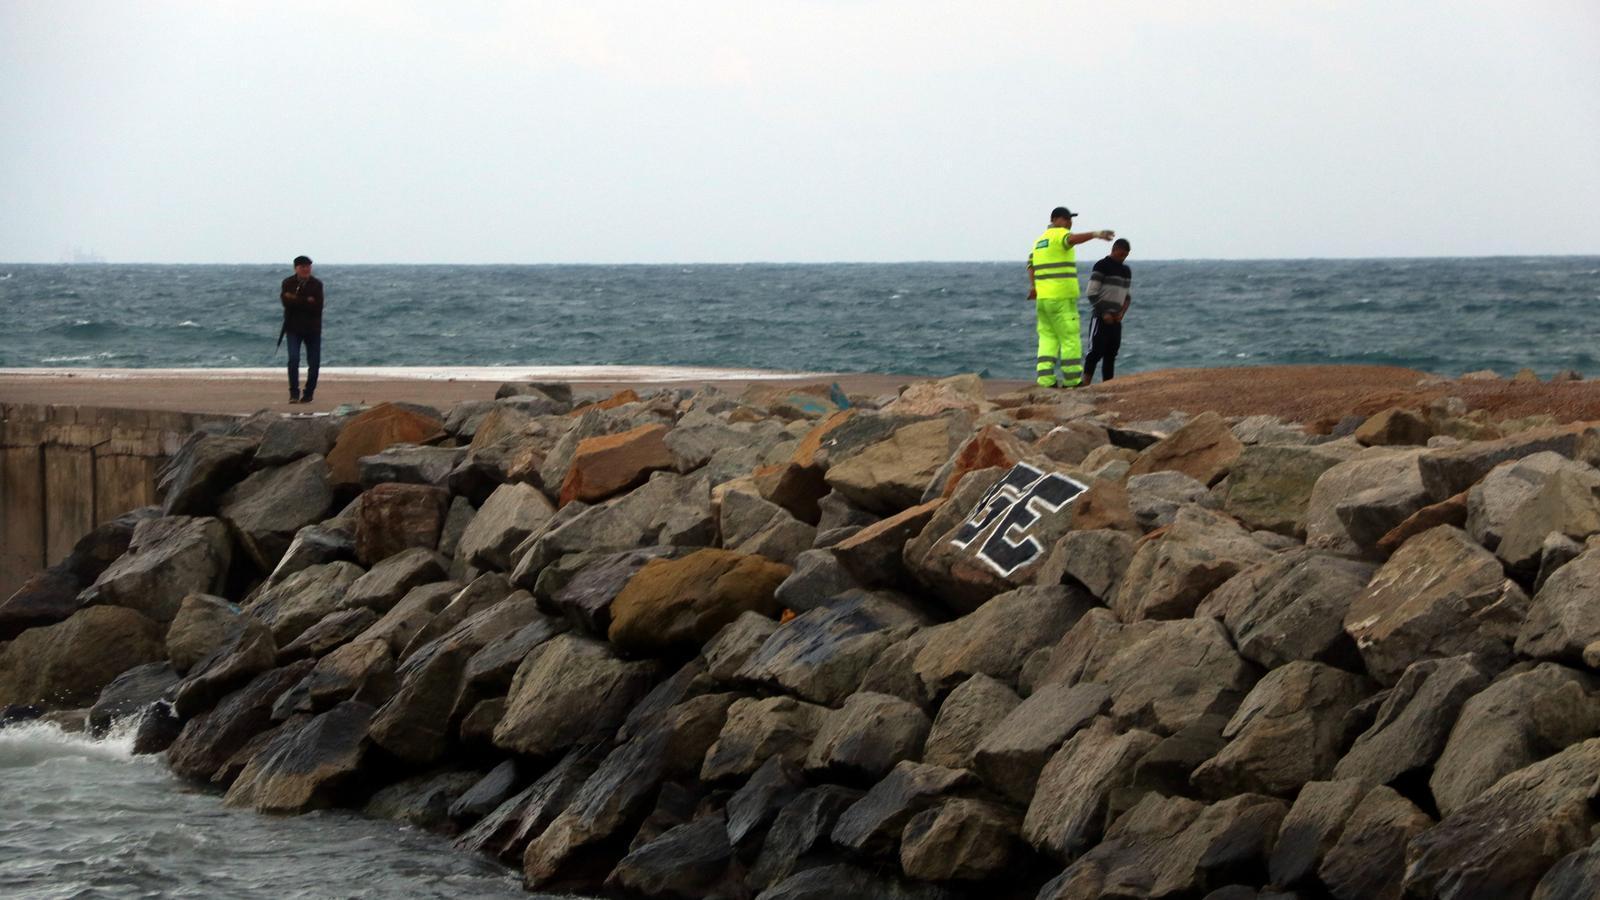 Un espigó de Barcelona amb un operari fent fora dos joves que miraven el mar, el 14 d'octubre de 2018